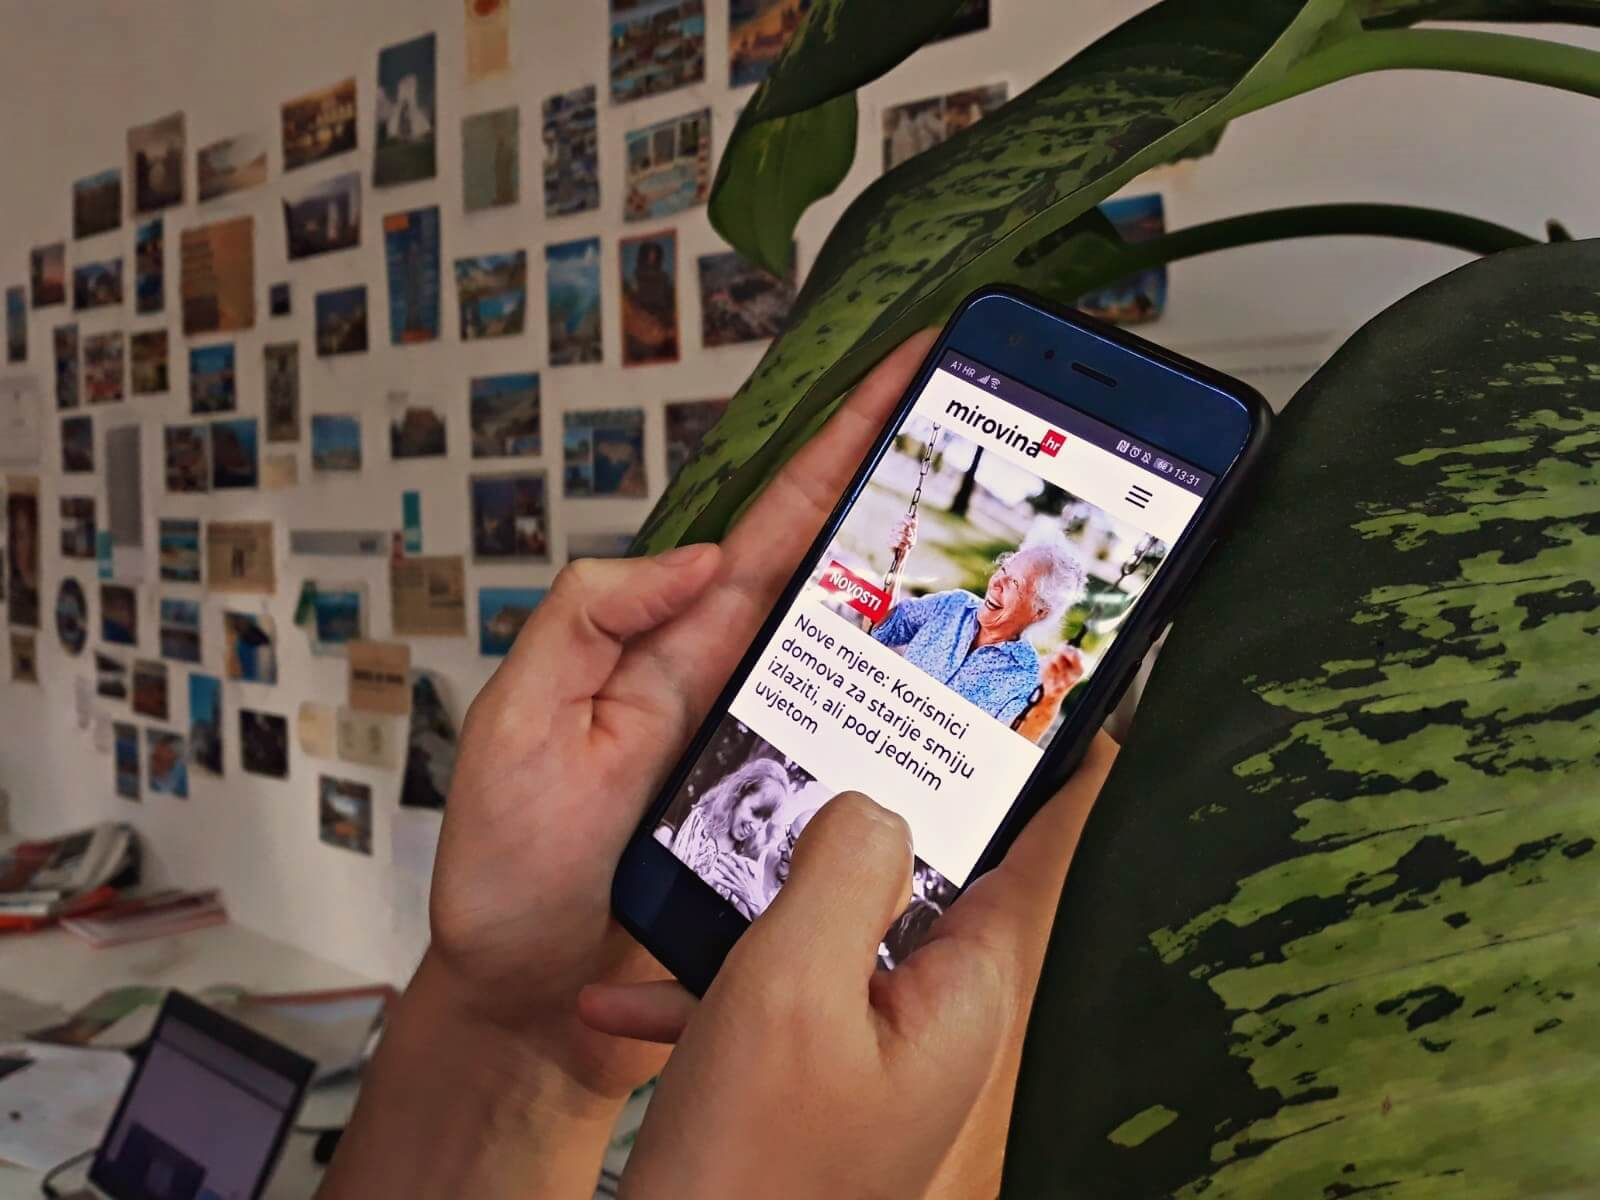 Od sada portal mirovina.hr možete čitati i putem aplikacije